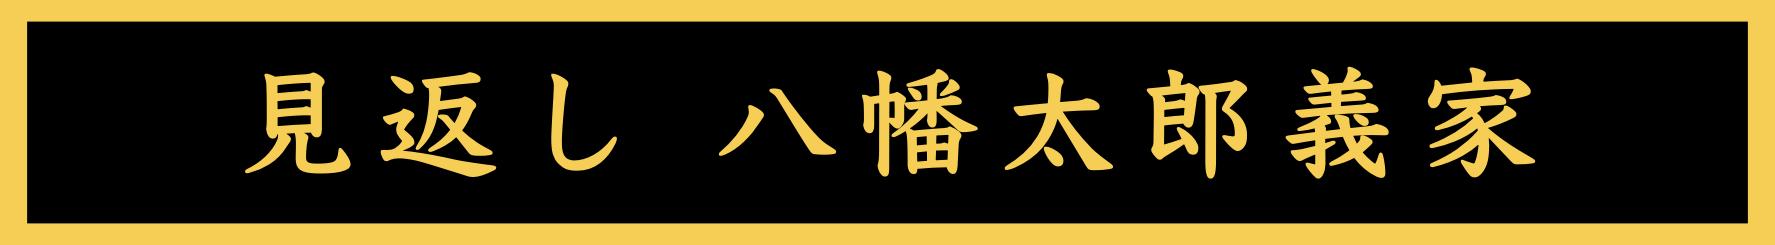 hachimantaroyoshiie_mikaeshi.jpeg